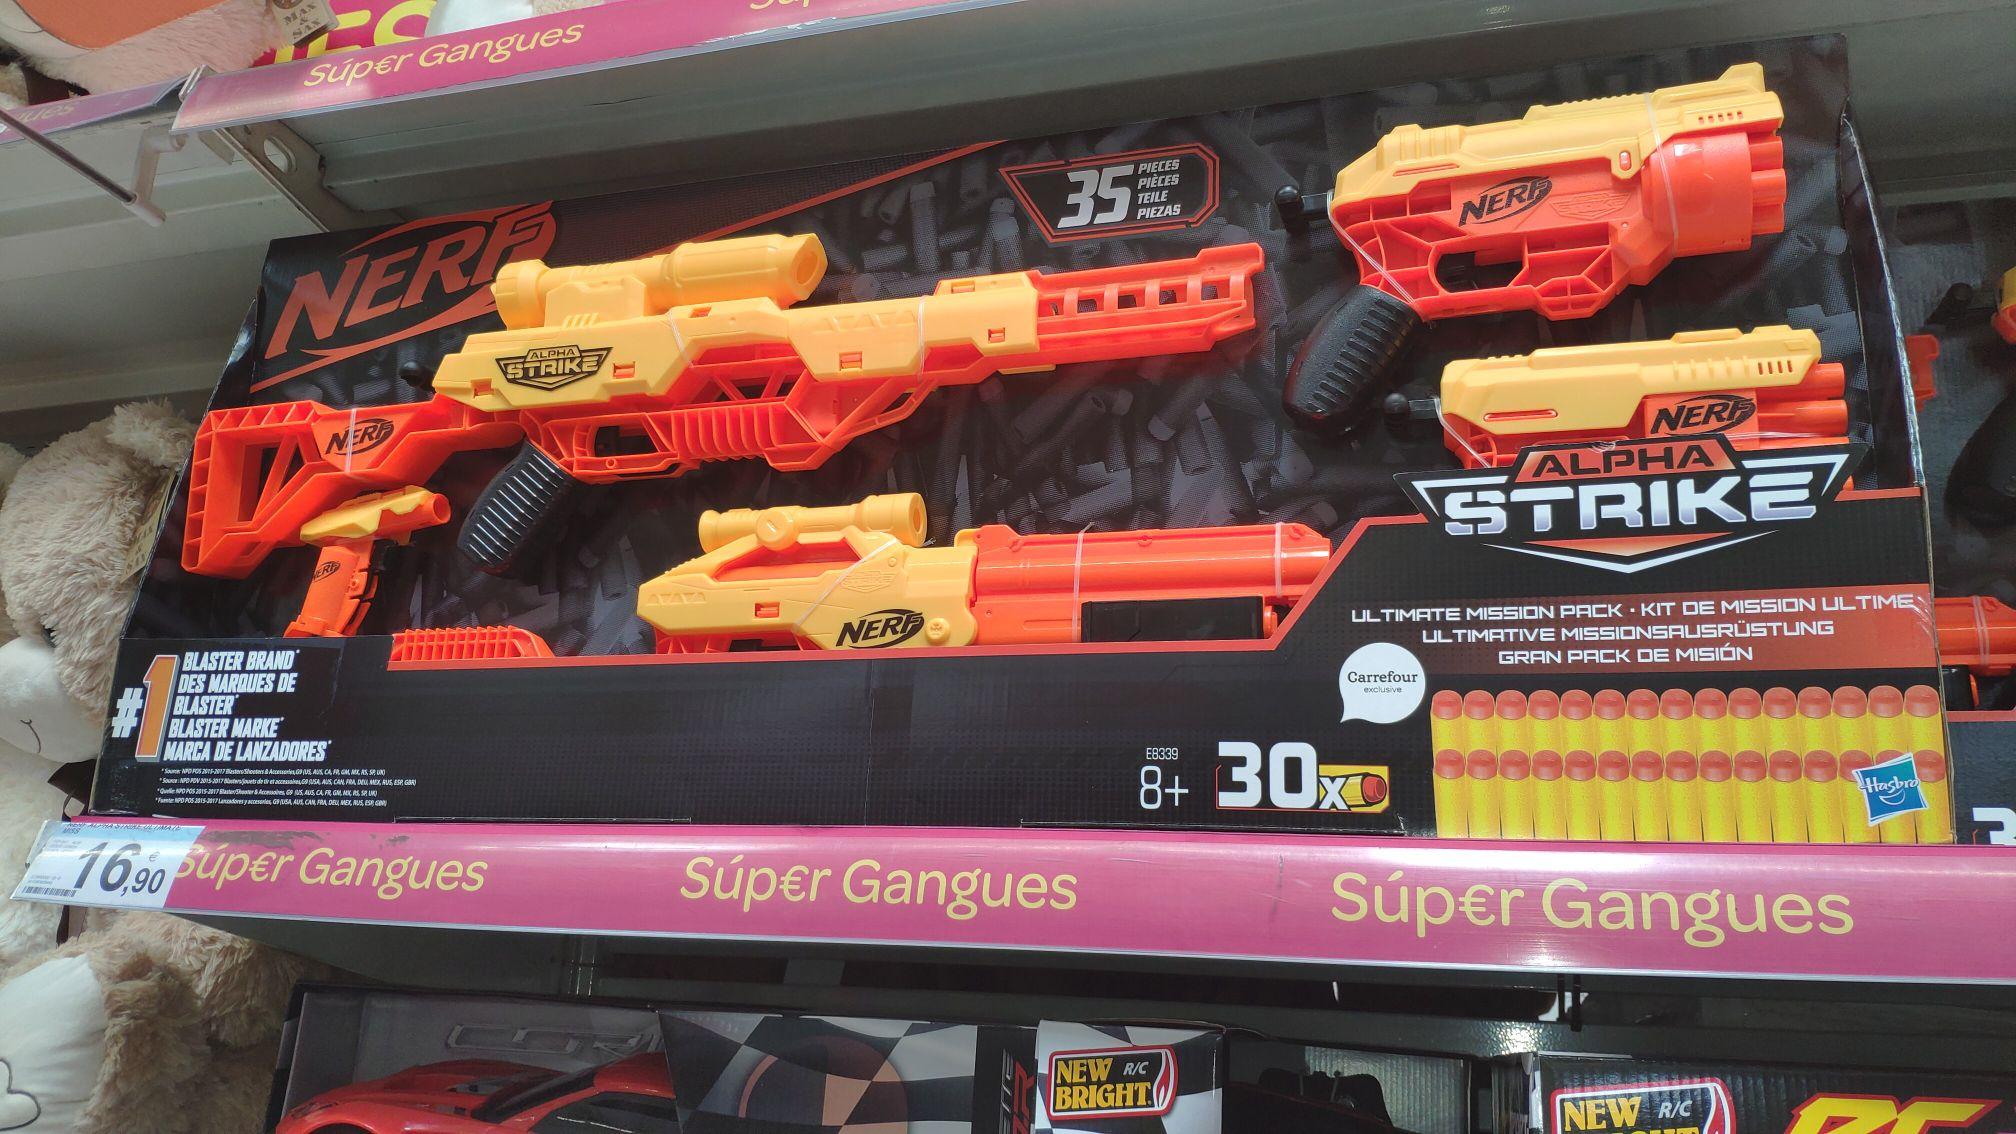 Pack pistola nerf en el carrefour de Girona